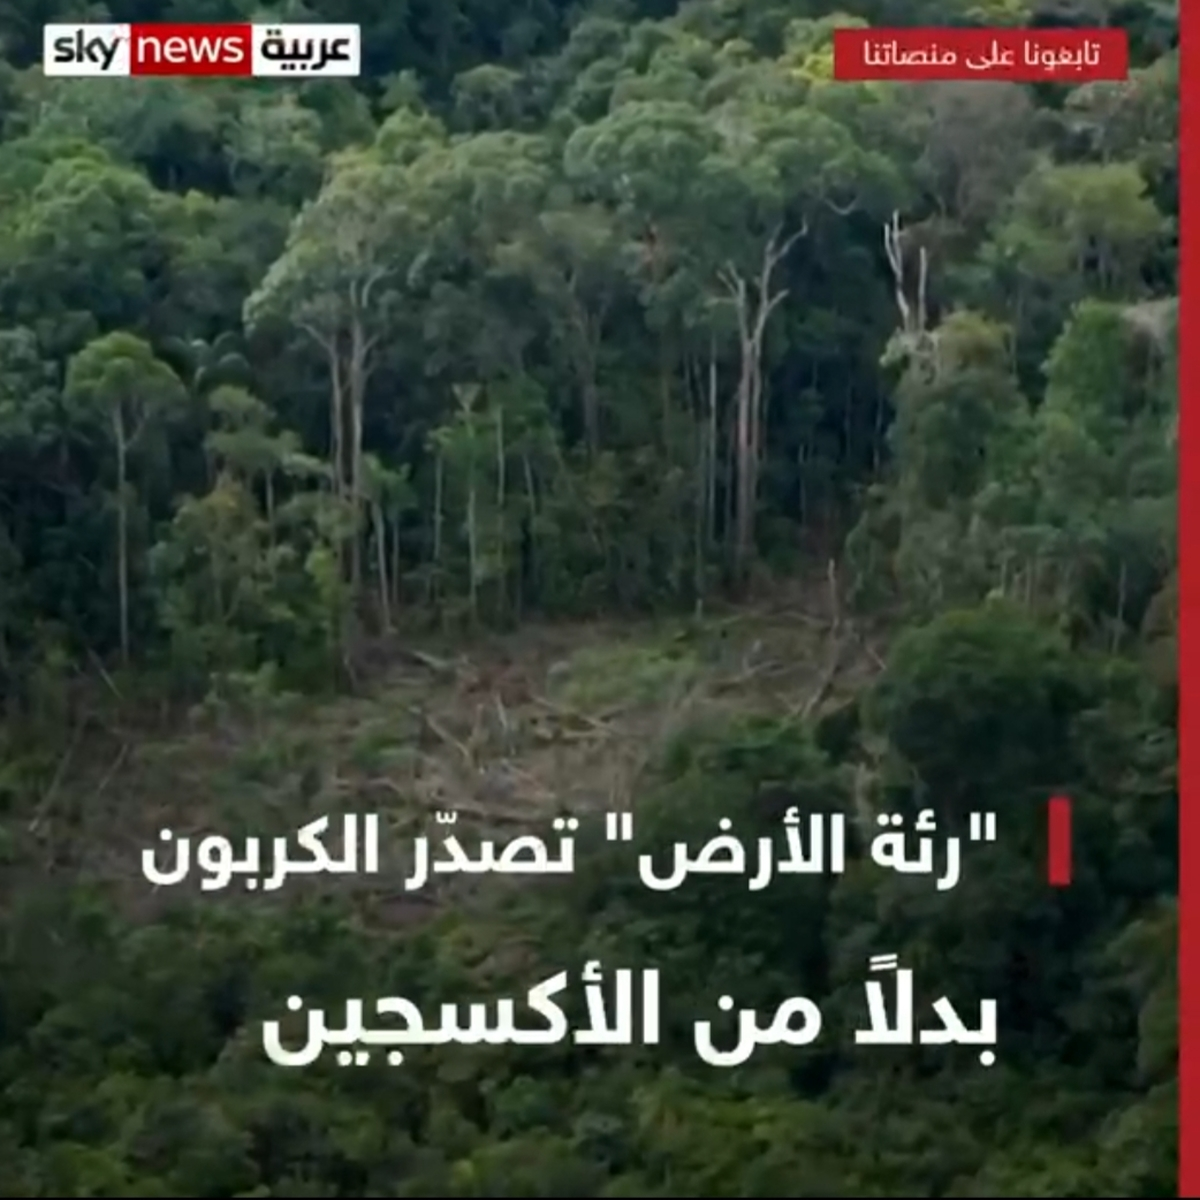 جنگلهای آمازون در یک دهه اخیر بیش از جذب دیاکسید کربن، آن را منتشر کردهاند + ویدئو